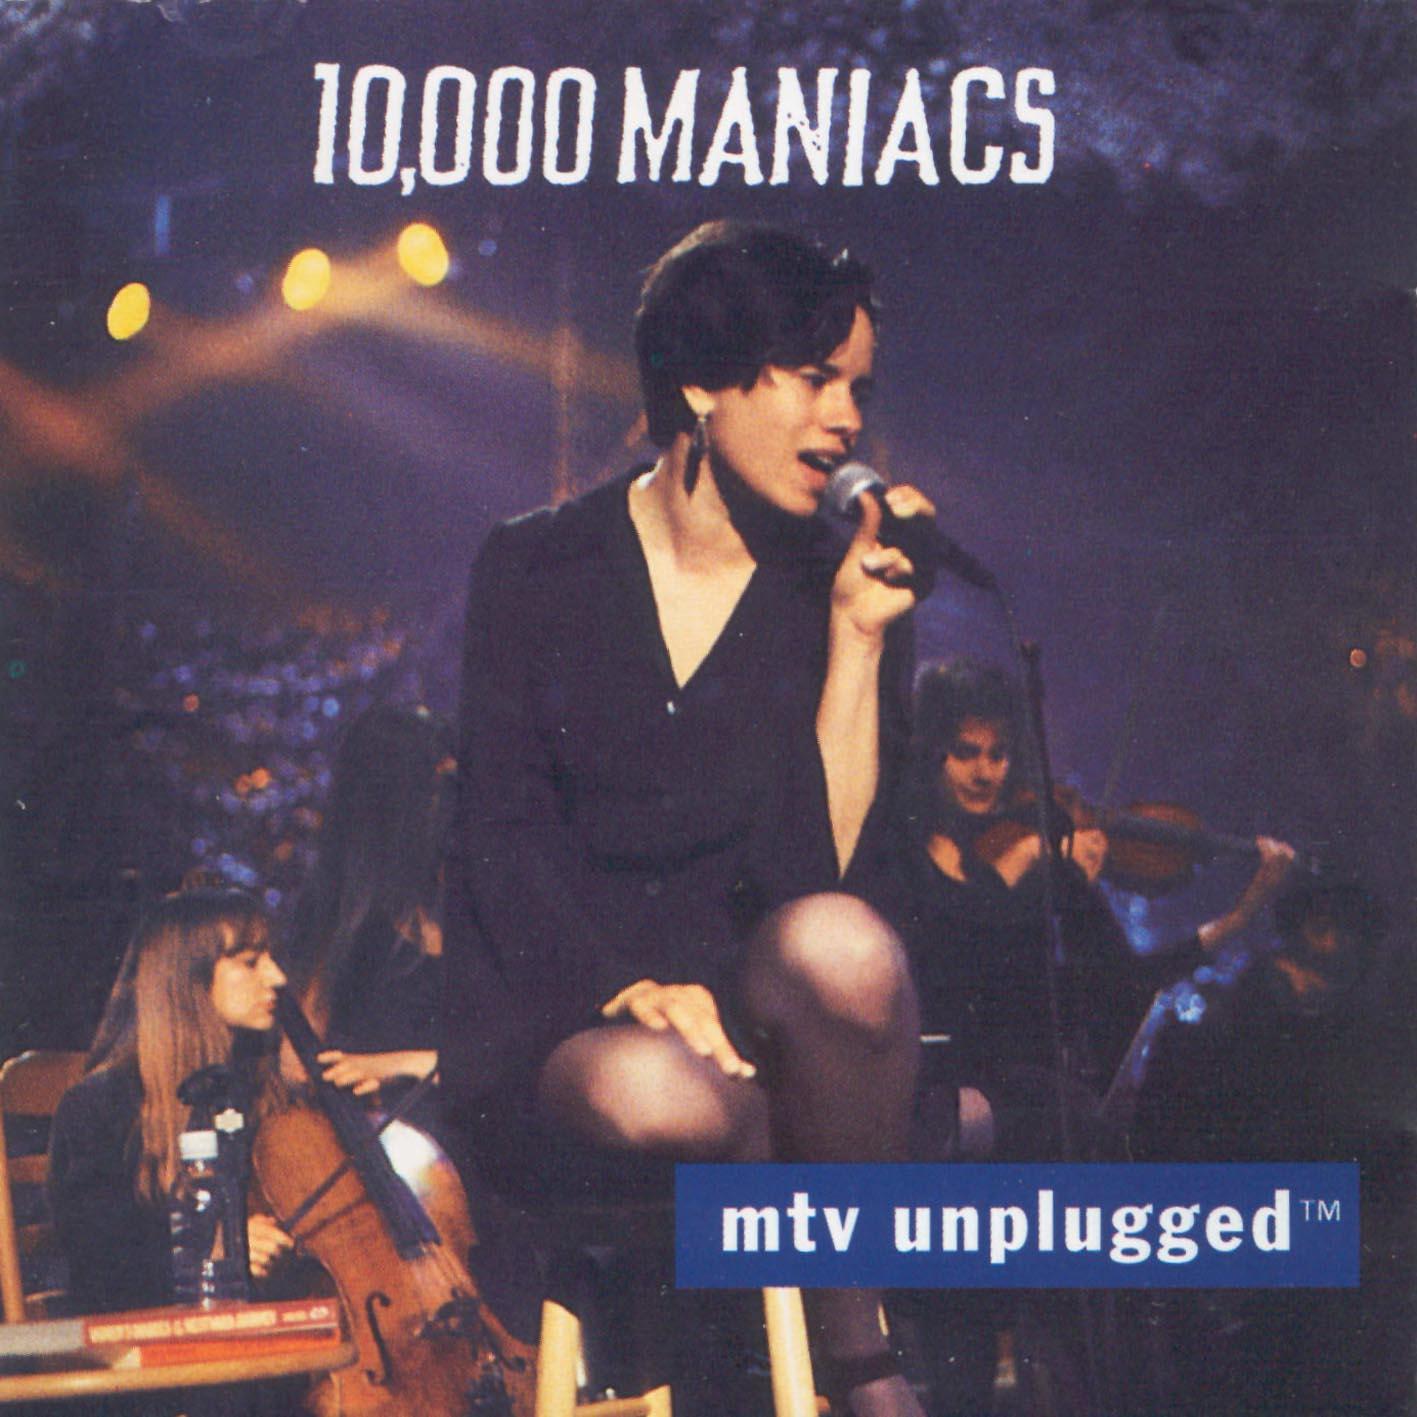 Night At Opera >> MTV Unplugged | similarsong